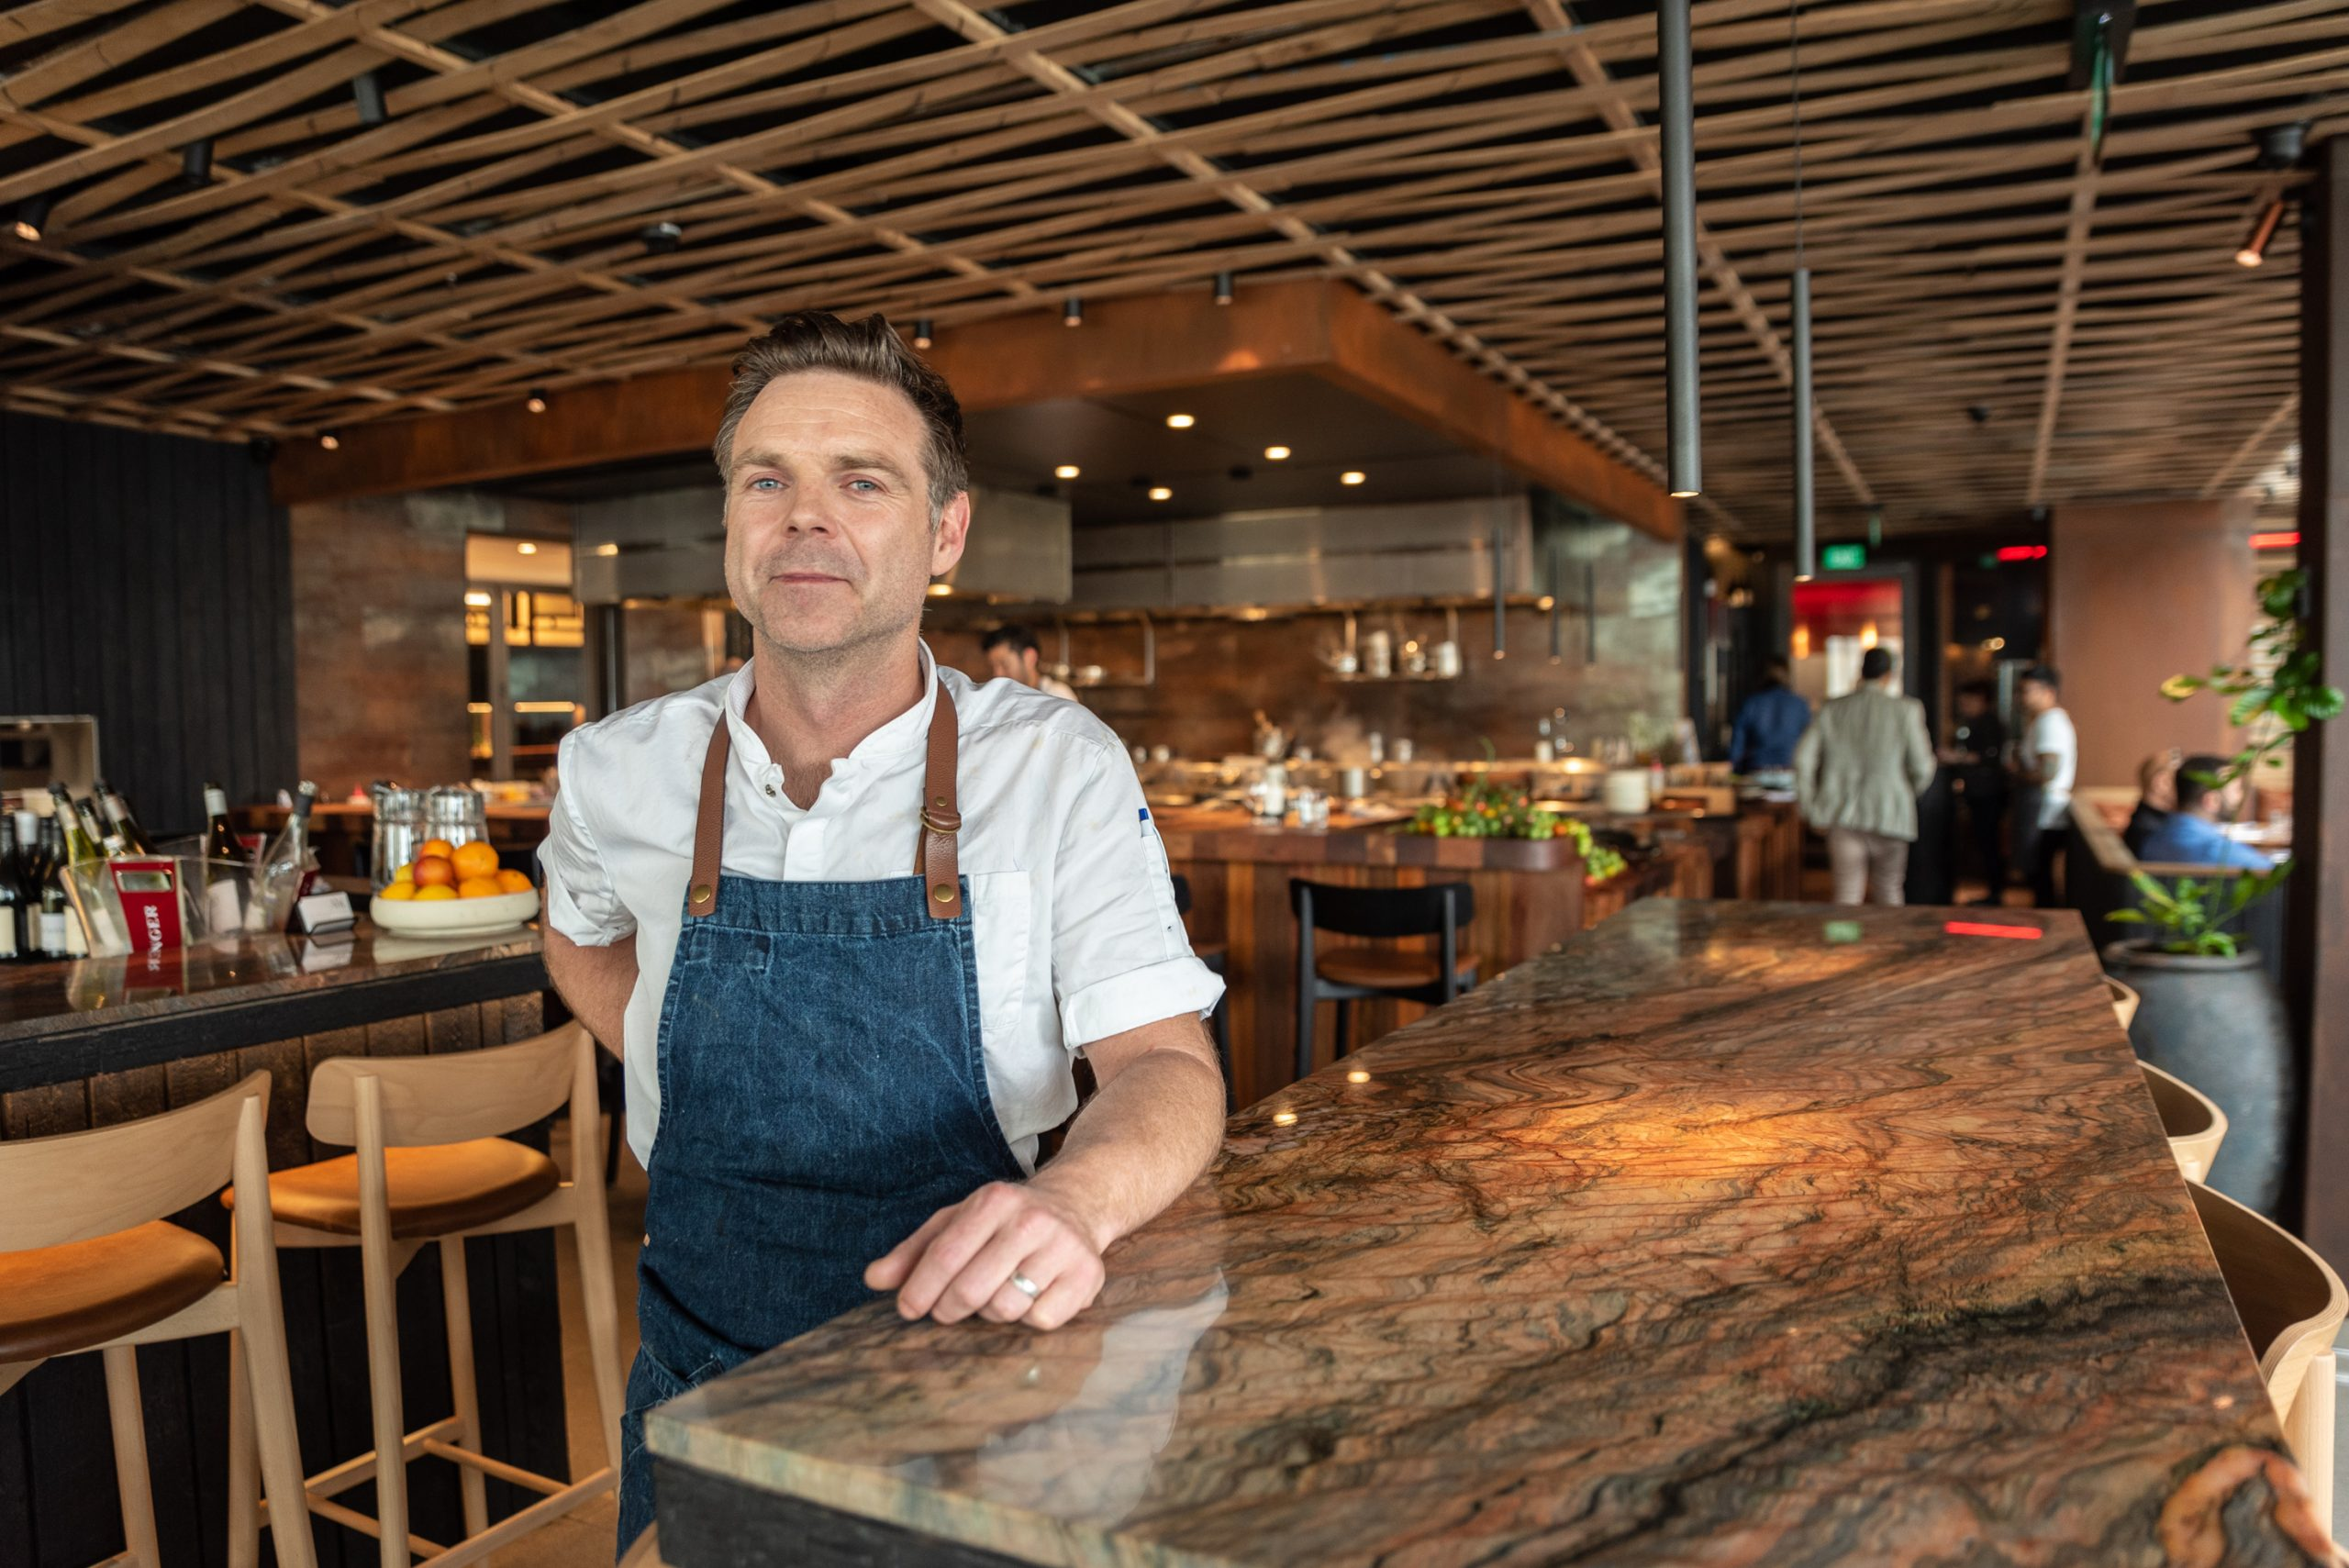 Ben Bayley in his smart restaurant